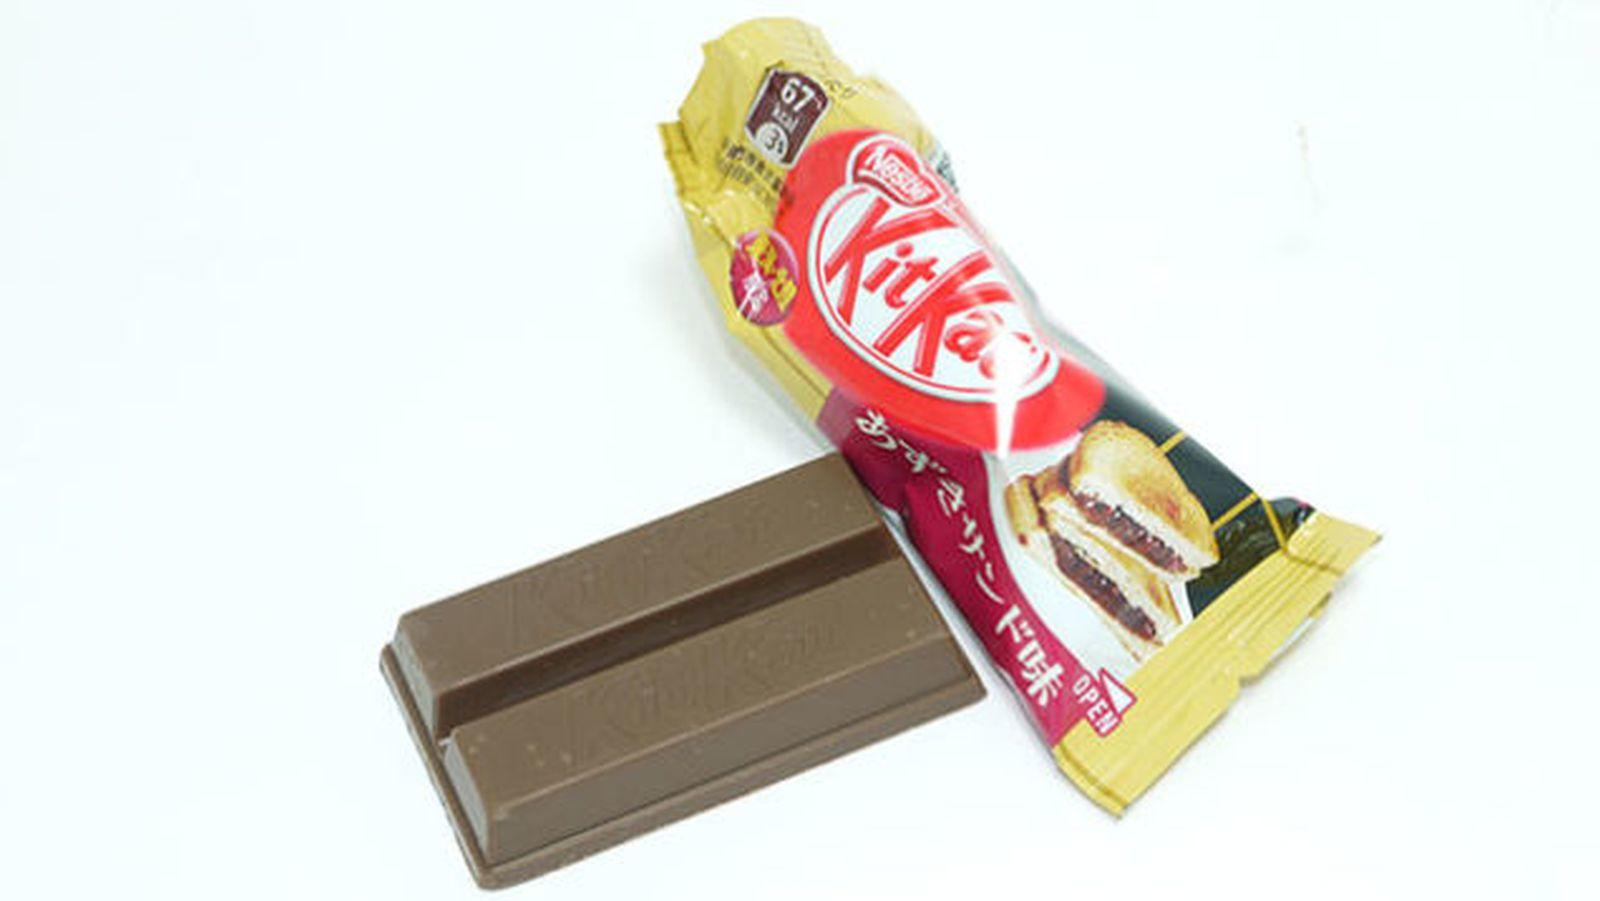 Vörösbabos Kit Kat Szendvics, Japán